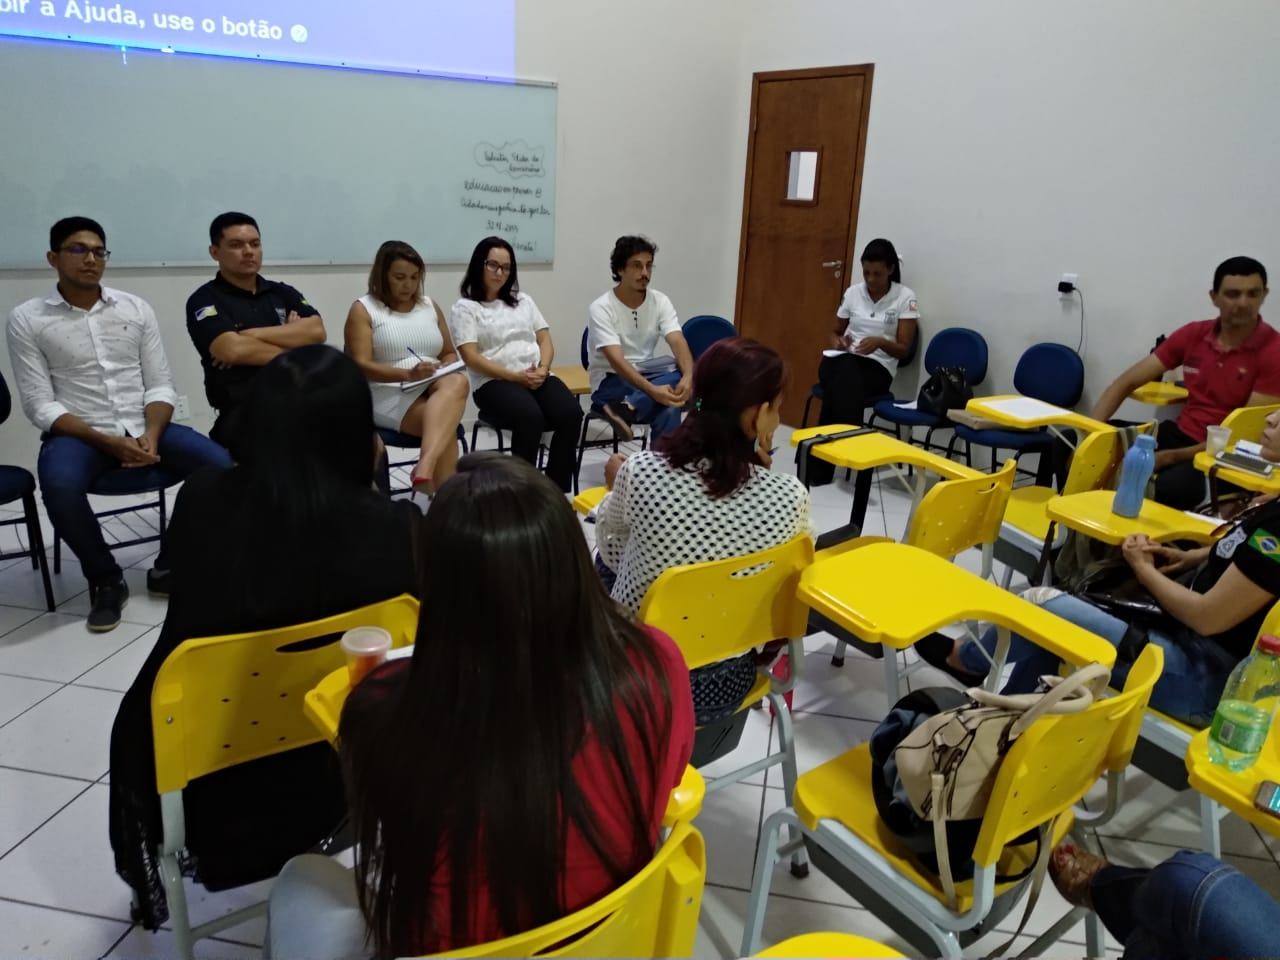 Seminário sobre as educação em prisões reúne professores e servidores do sistema prisional para discutir os desafios e oportunidades